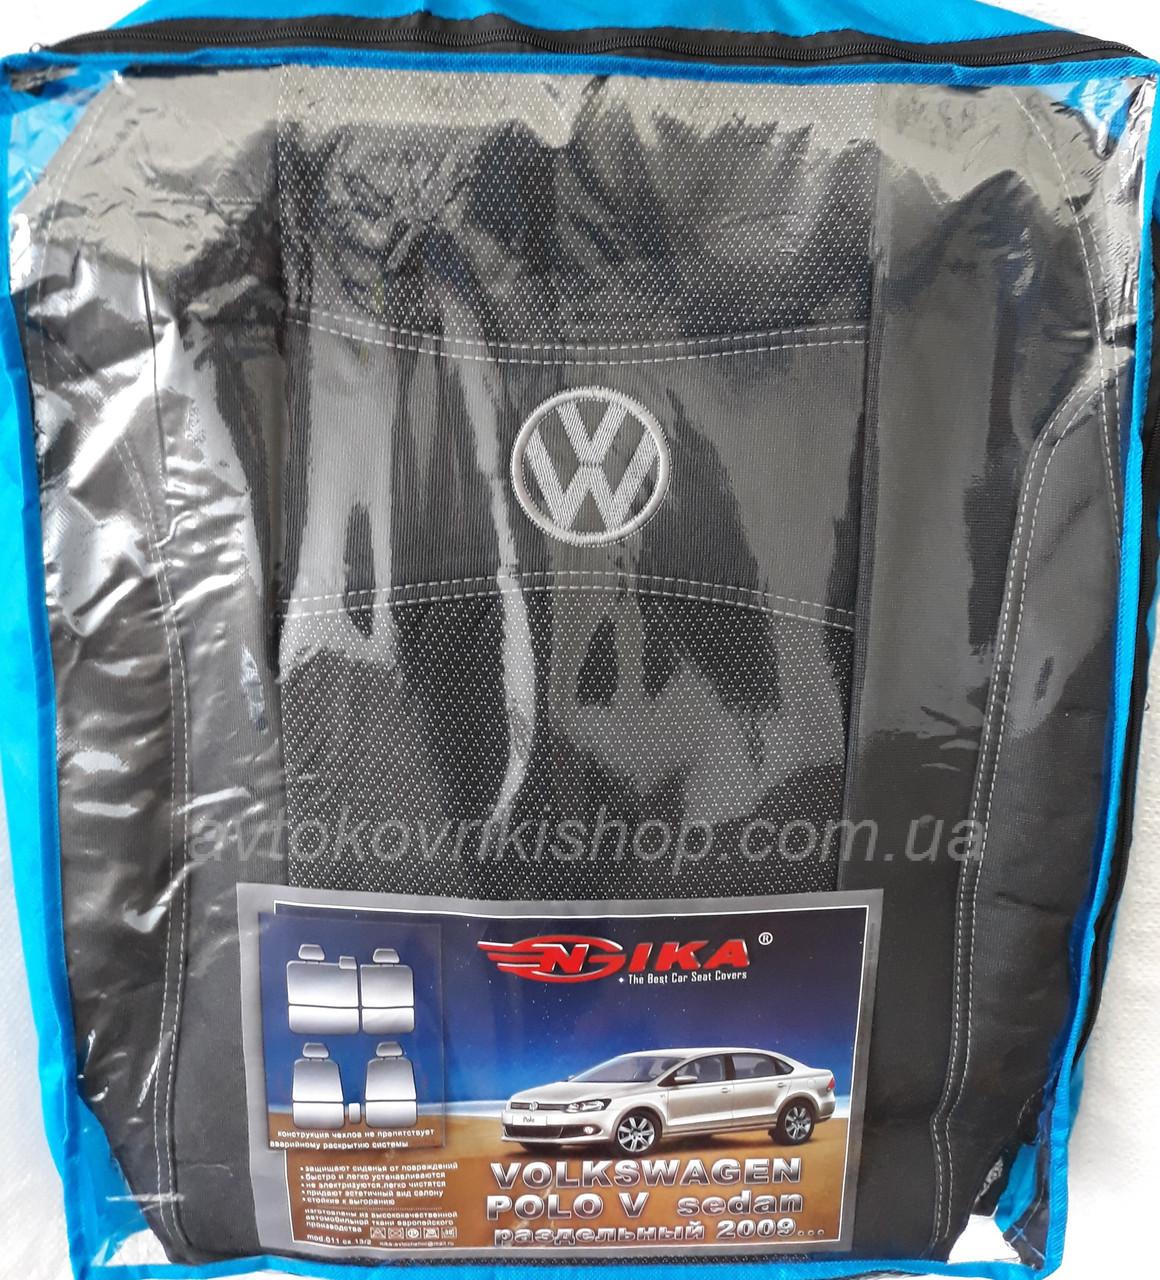 Авточехлы Volkswagen Polo V 2009- (раздельная) Nika